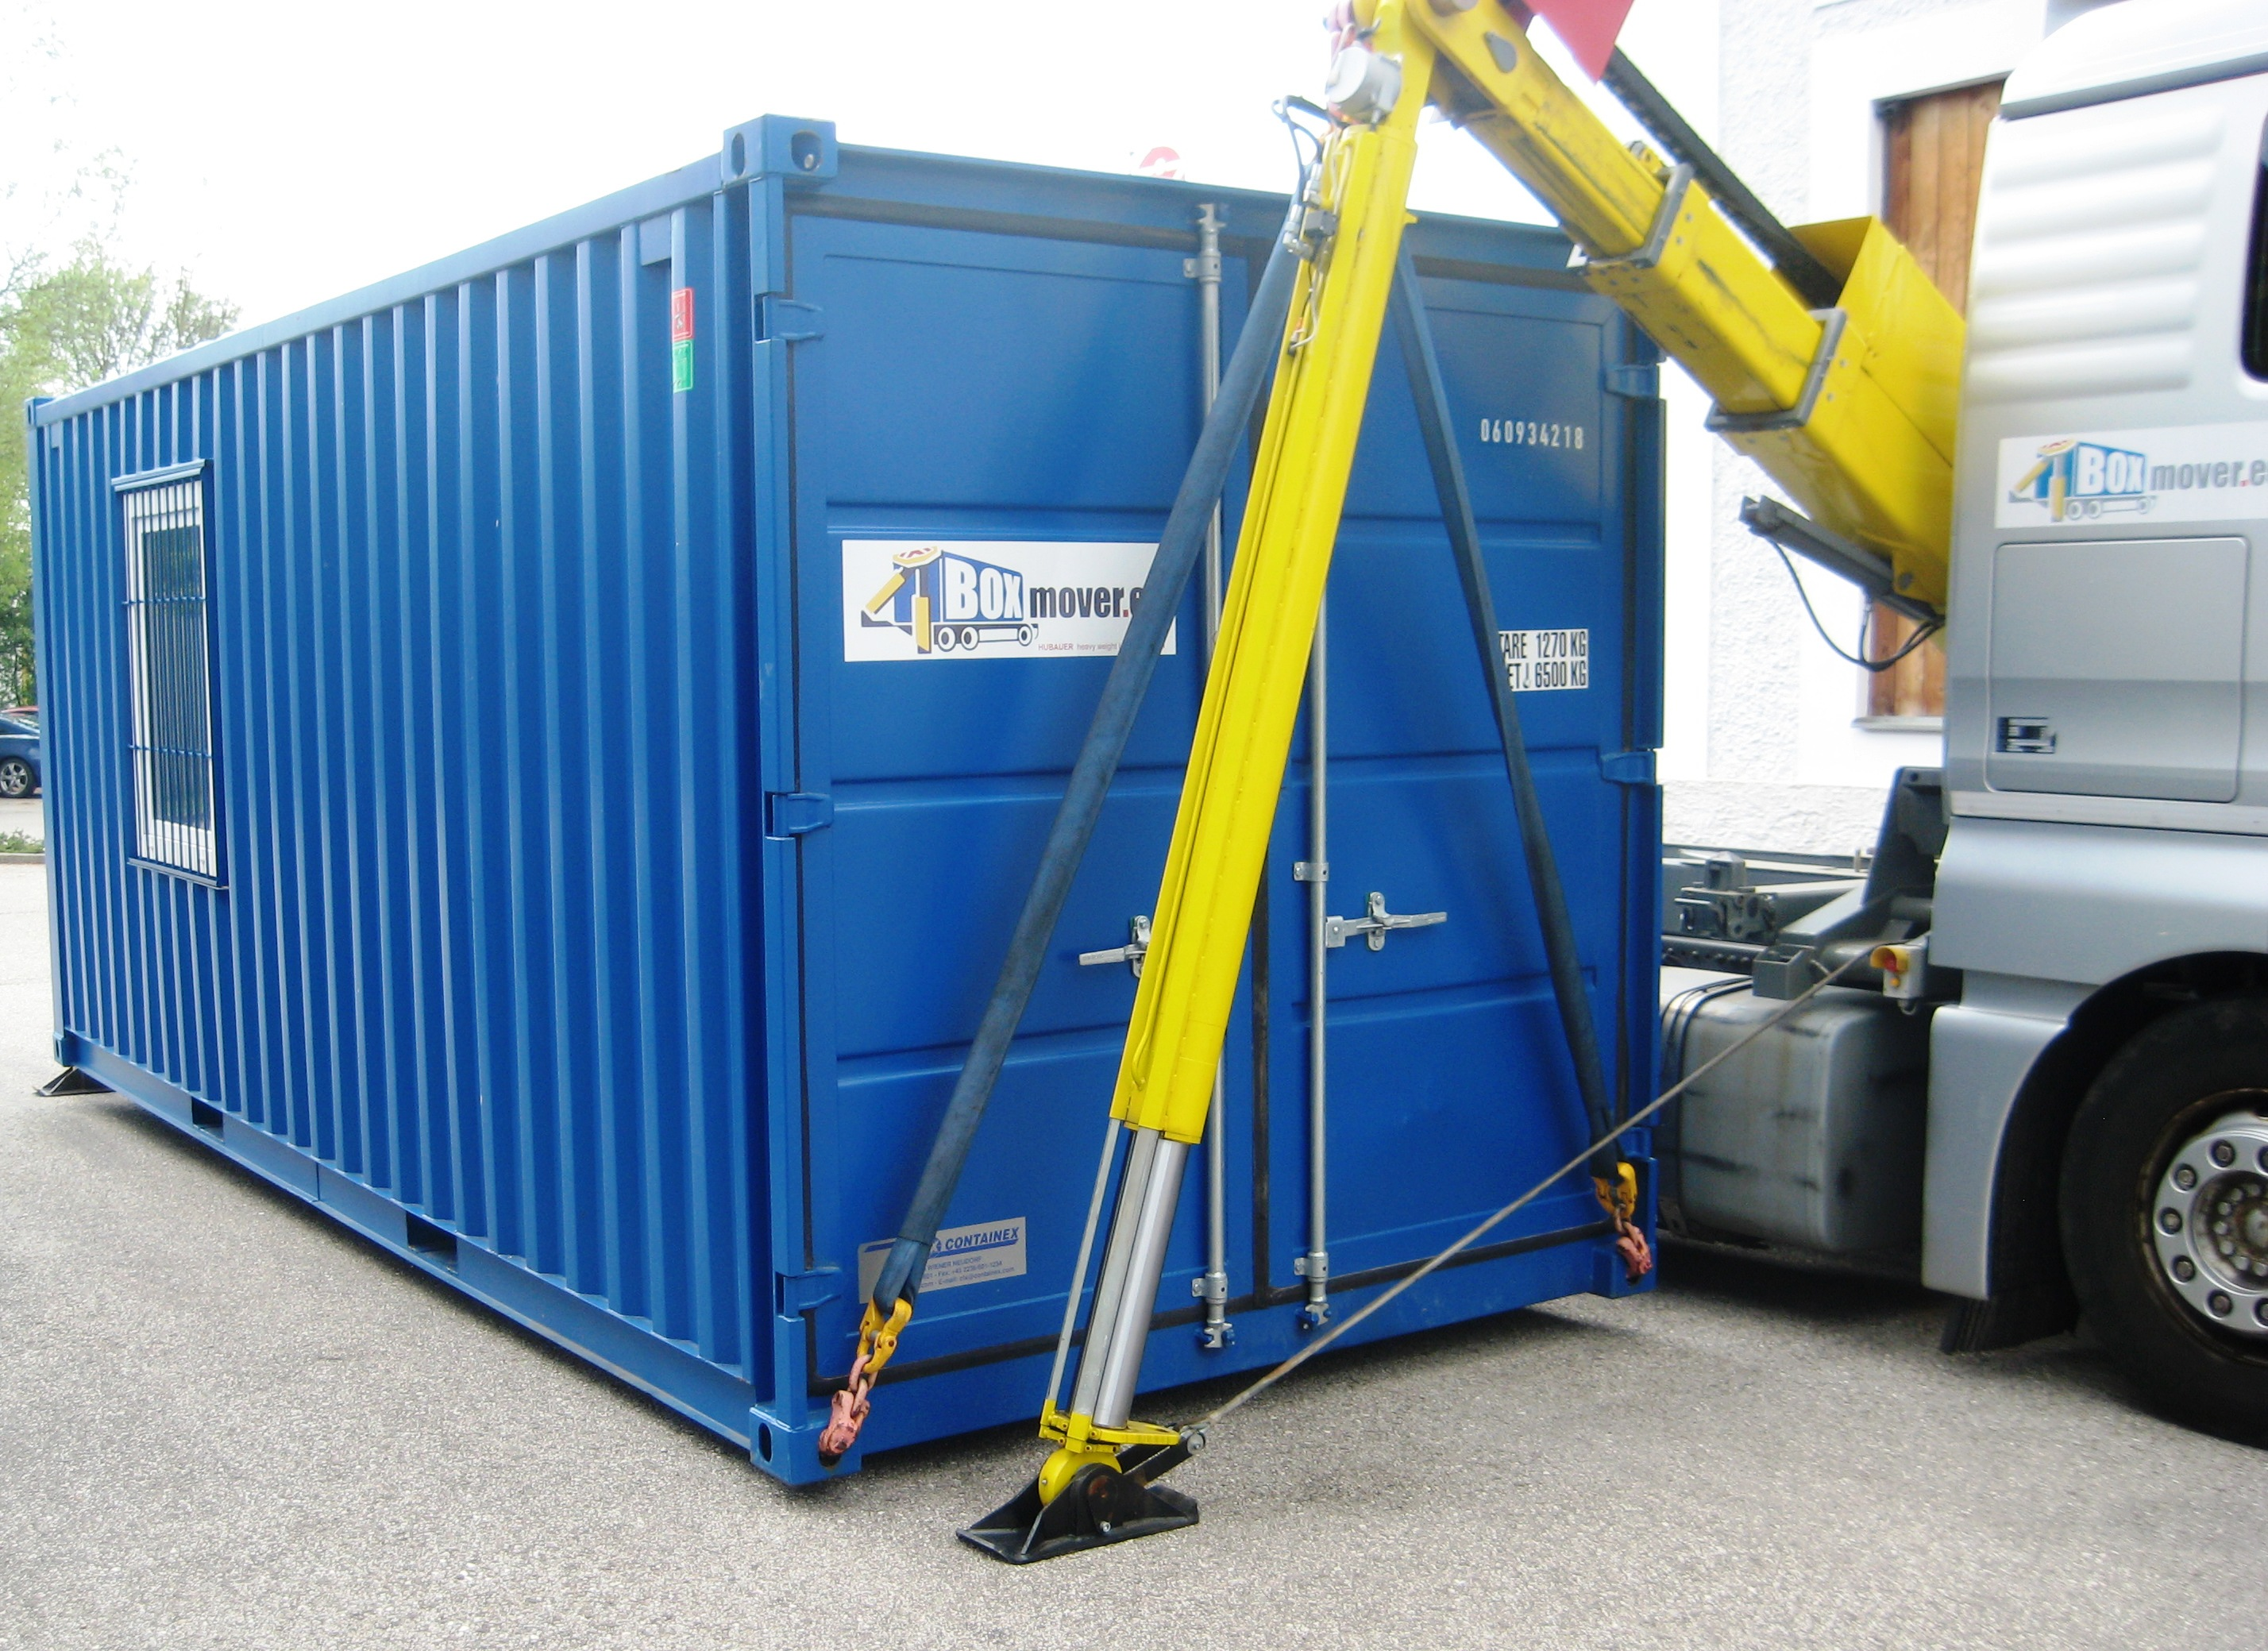 Occasioncontainer achetez votre container au meilleur for Container bois occasion